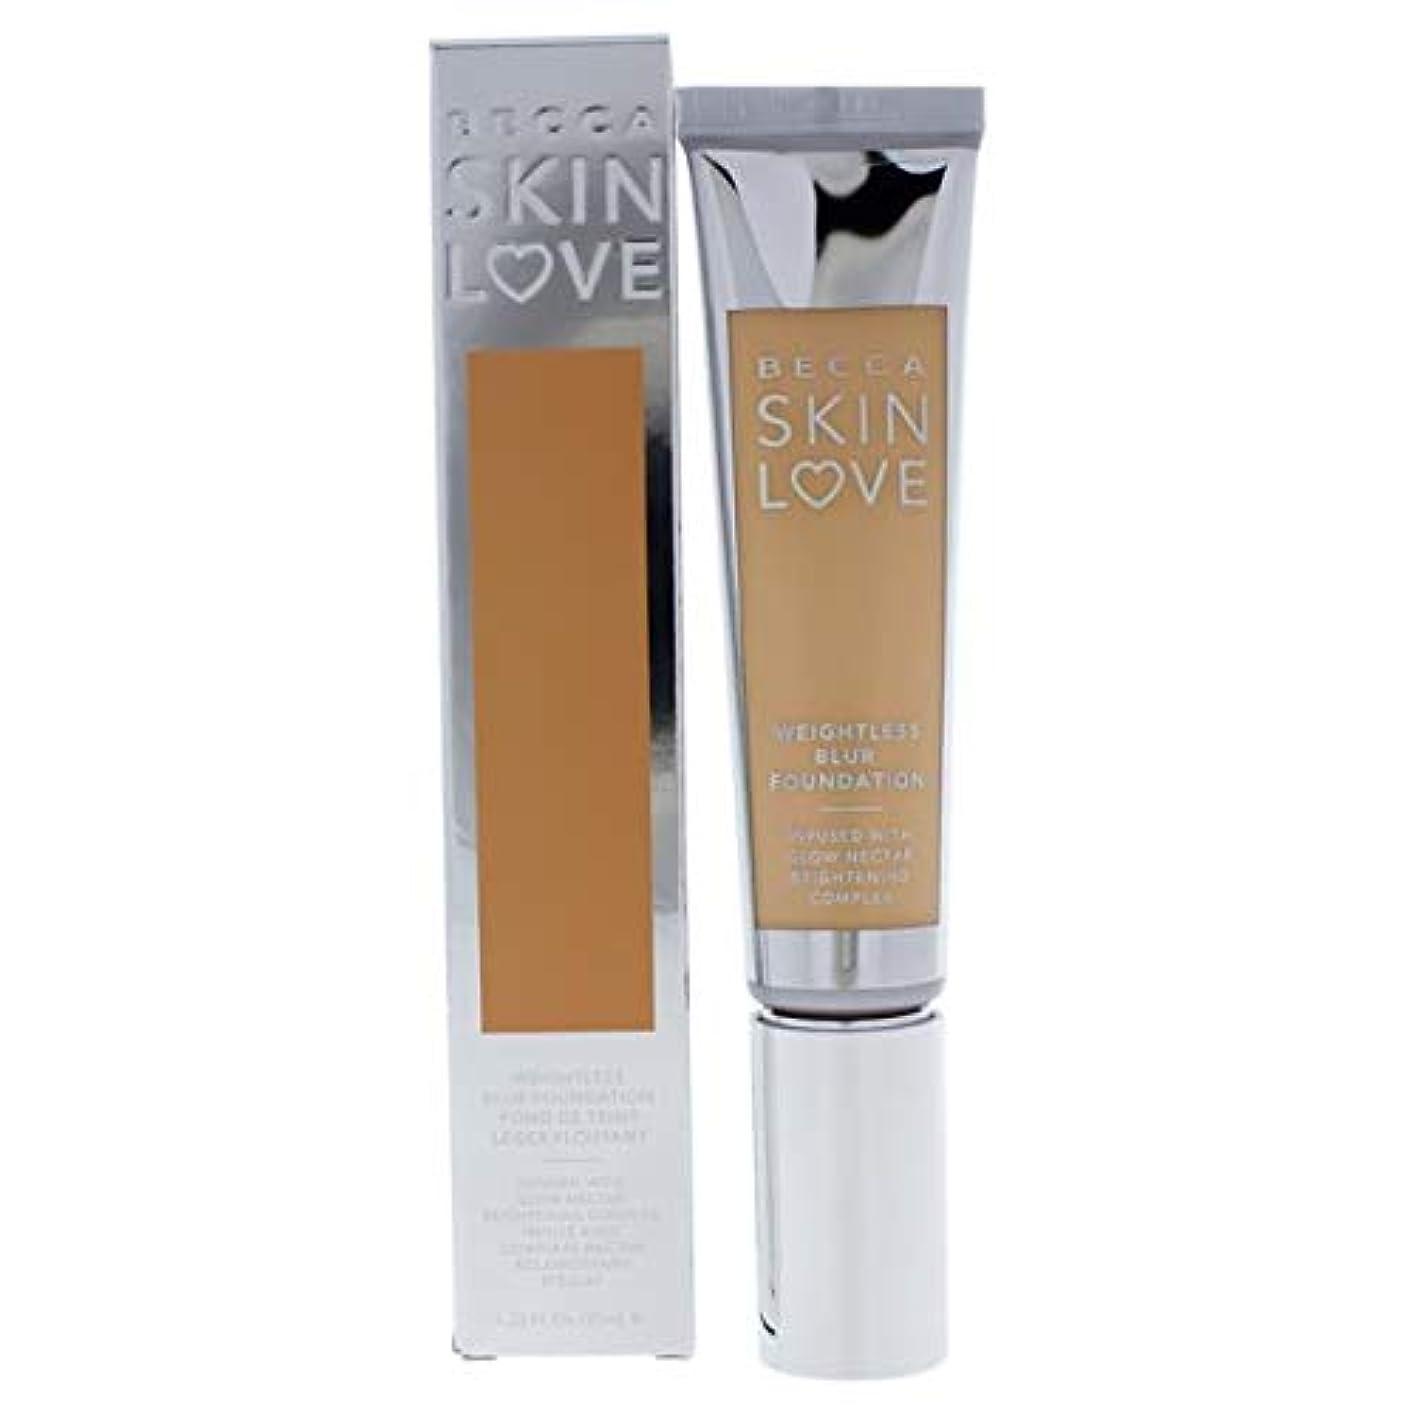 弁護士異邦人バーベッカ Skin Love Weightless Blur Foundation - # Vanilla 35ml/1.23oz並行輸入品